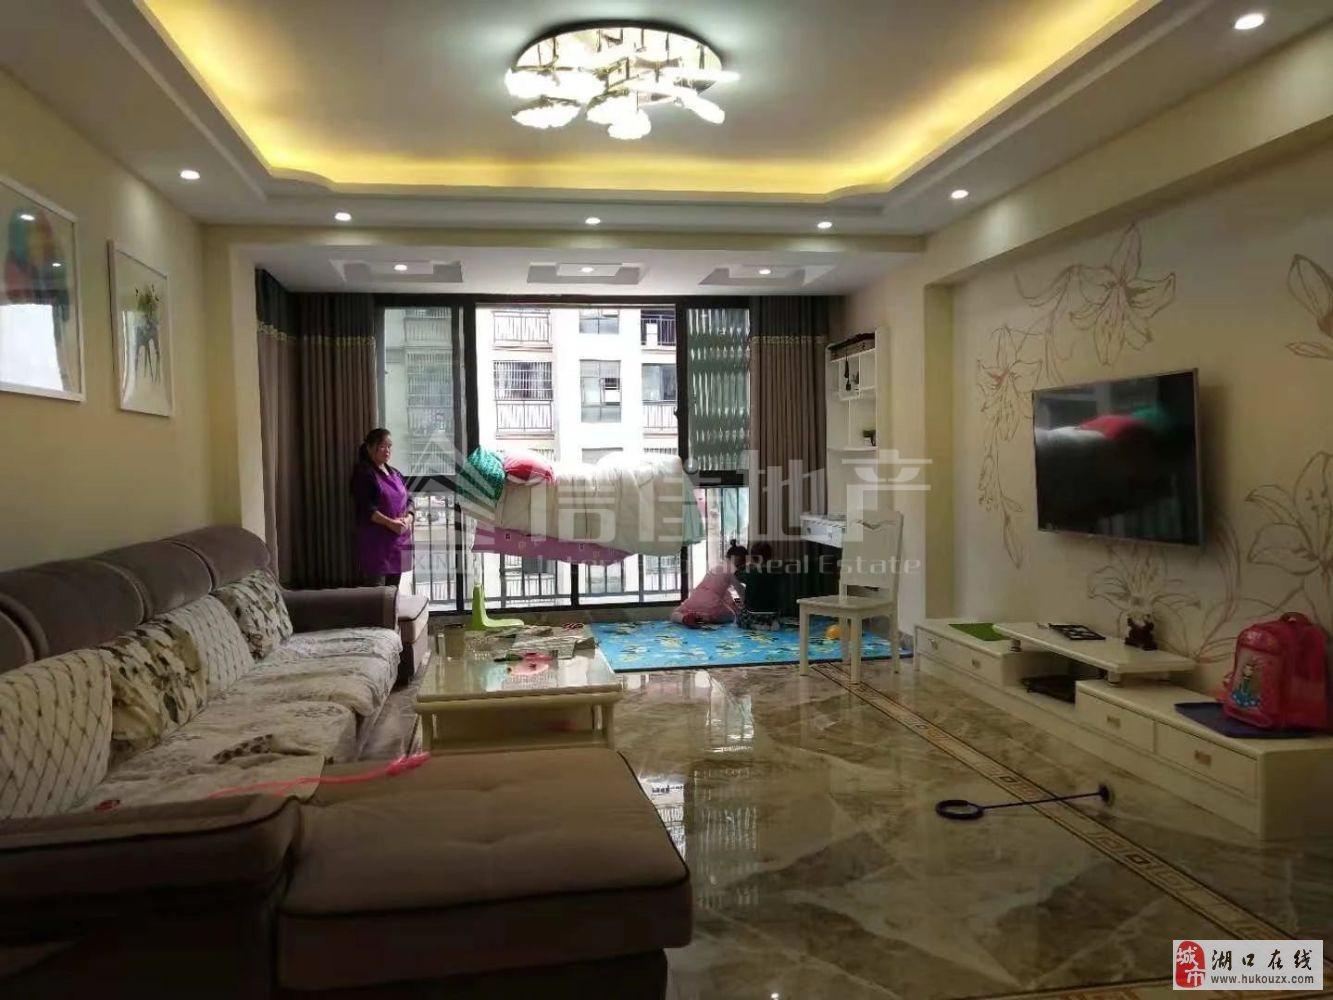 海正明珠3室2厅2卫83万精装三房